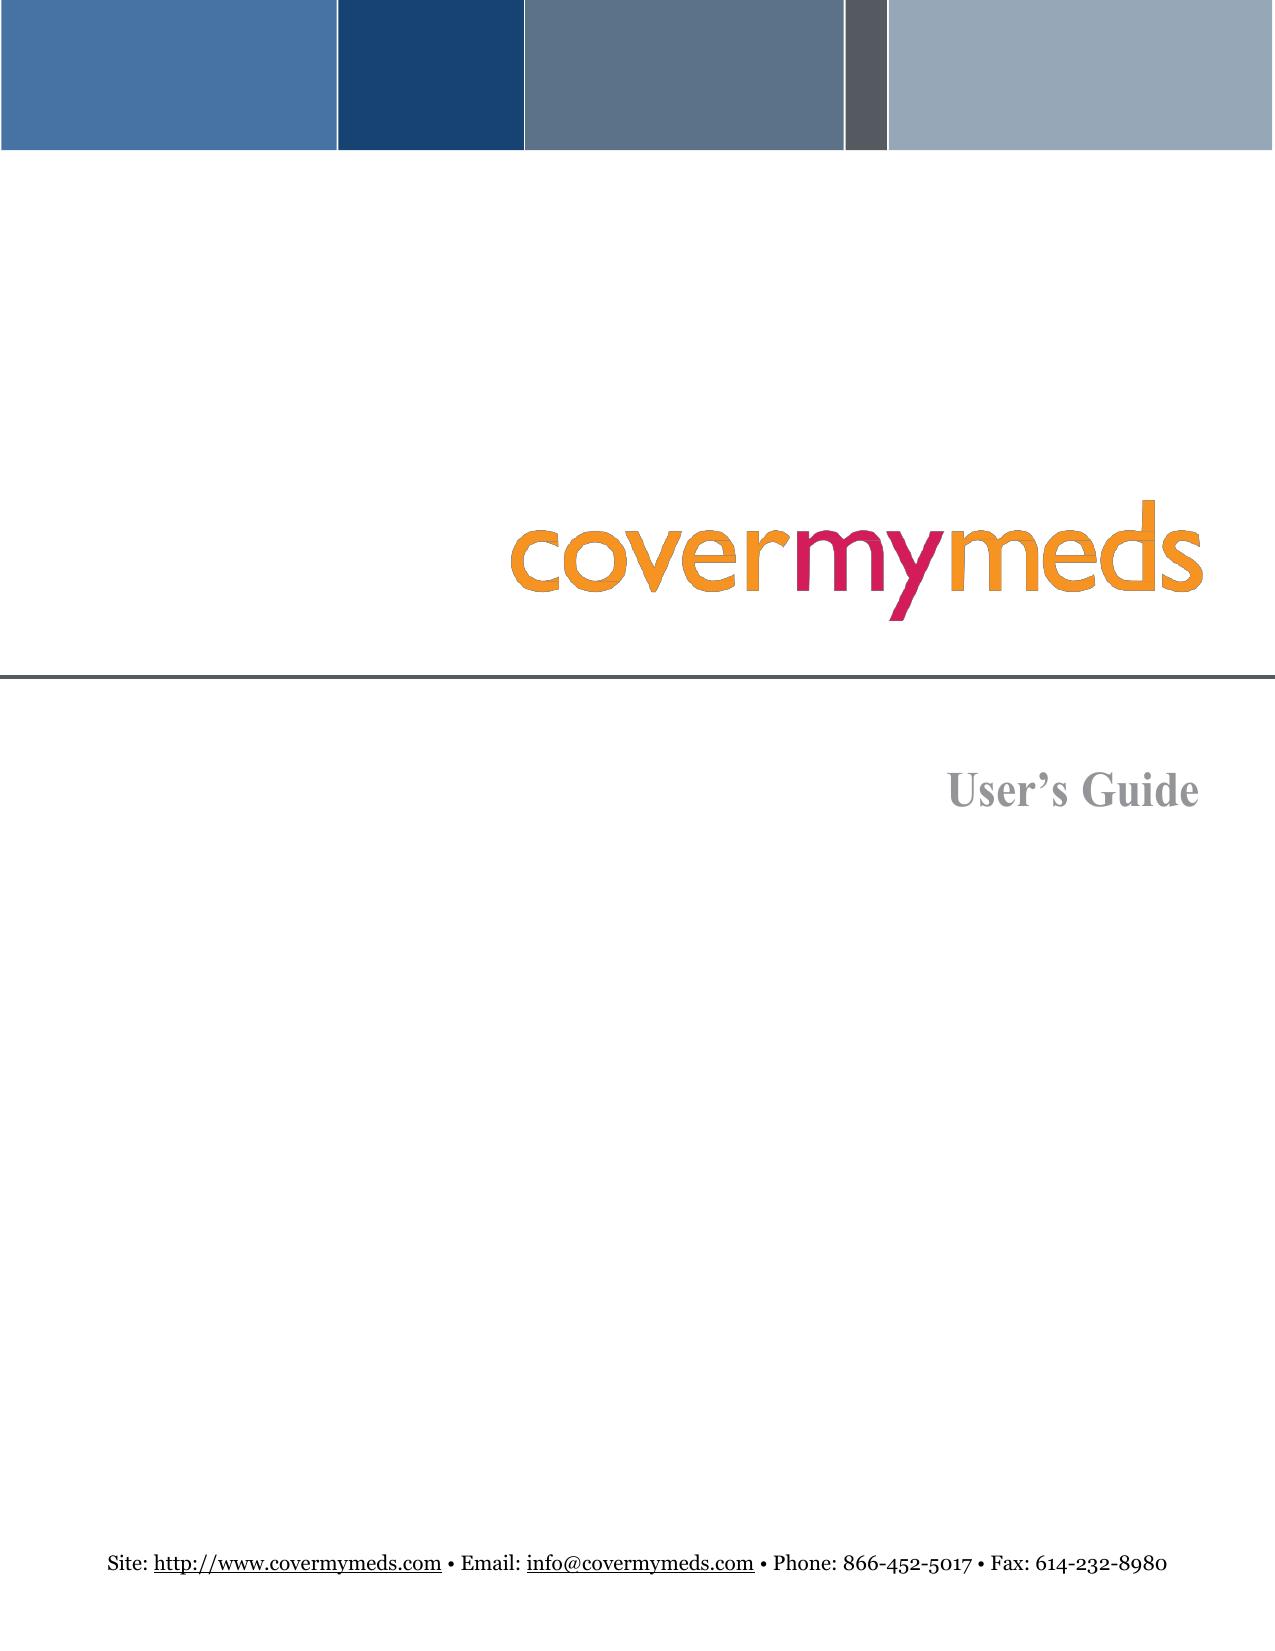 User S Guide Covermymeds Manualzz Com